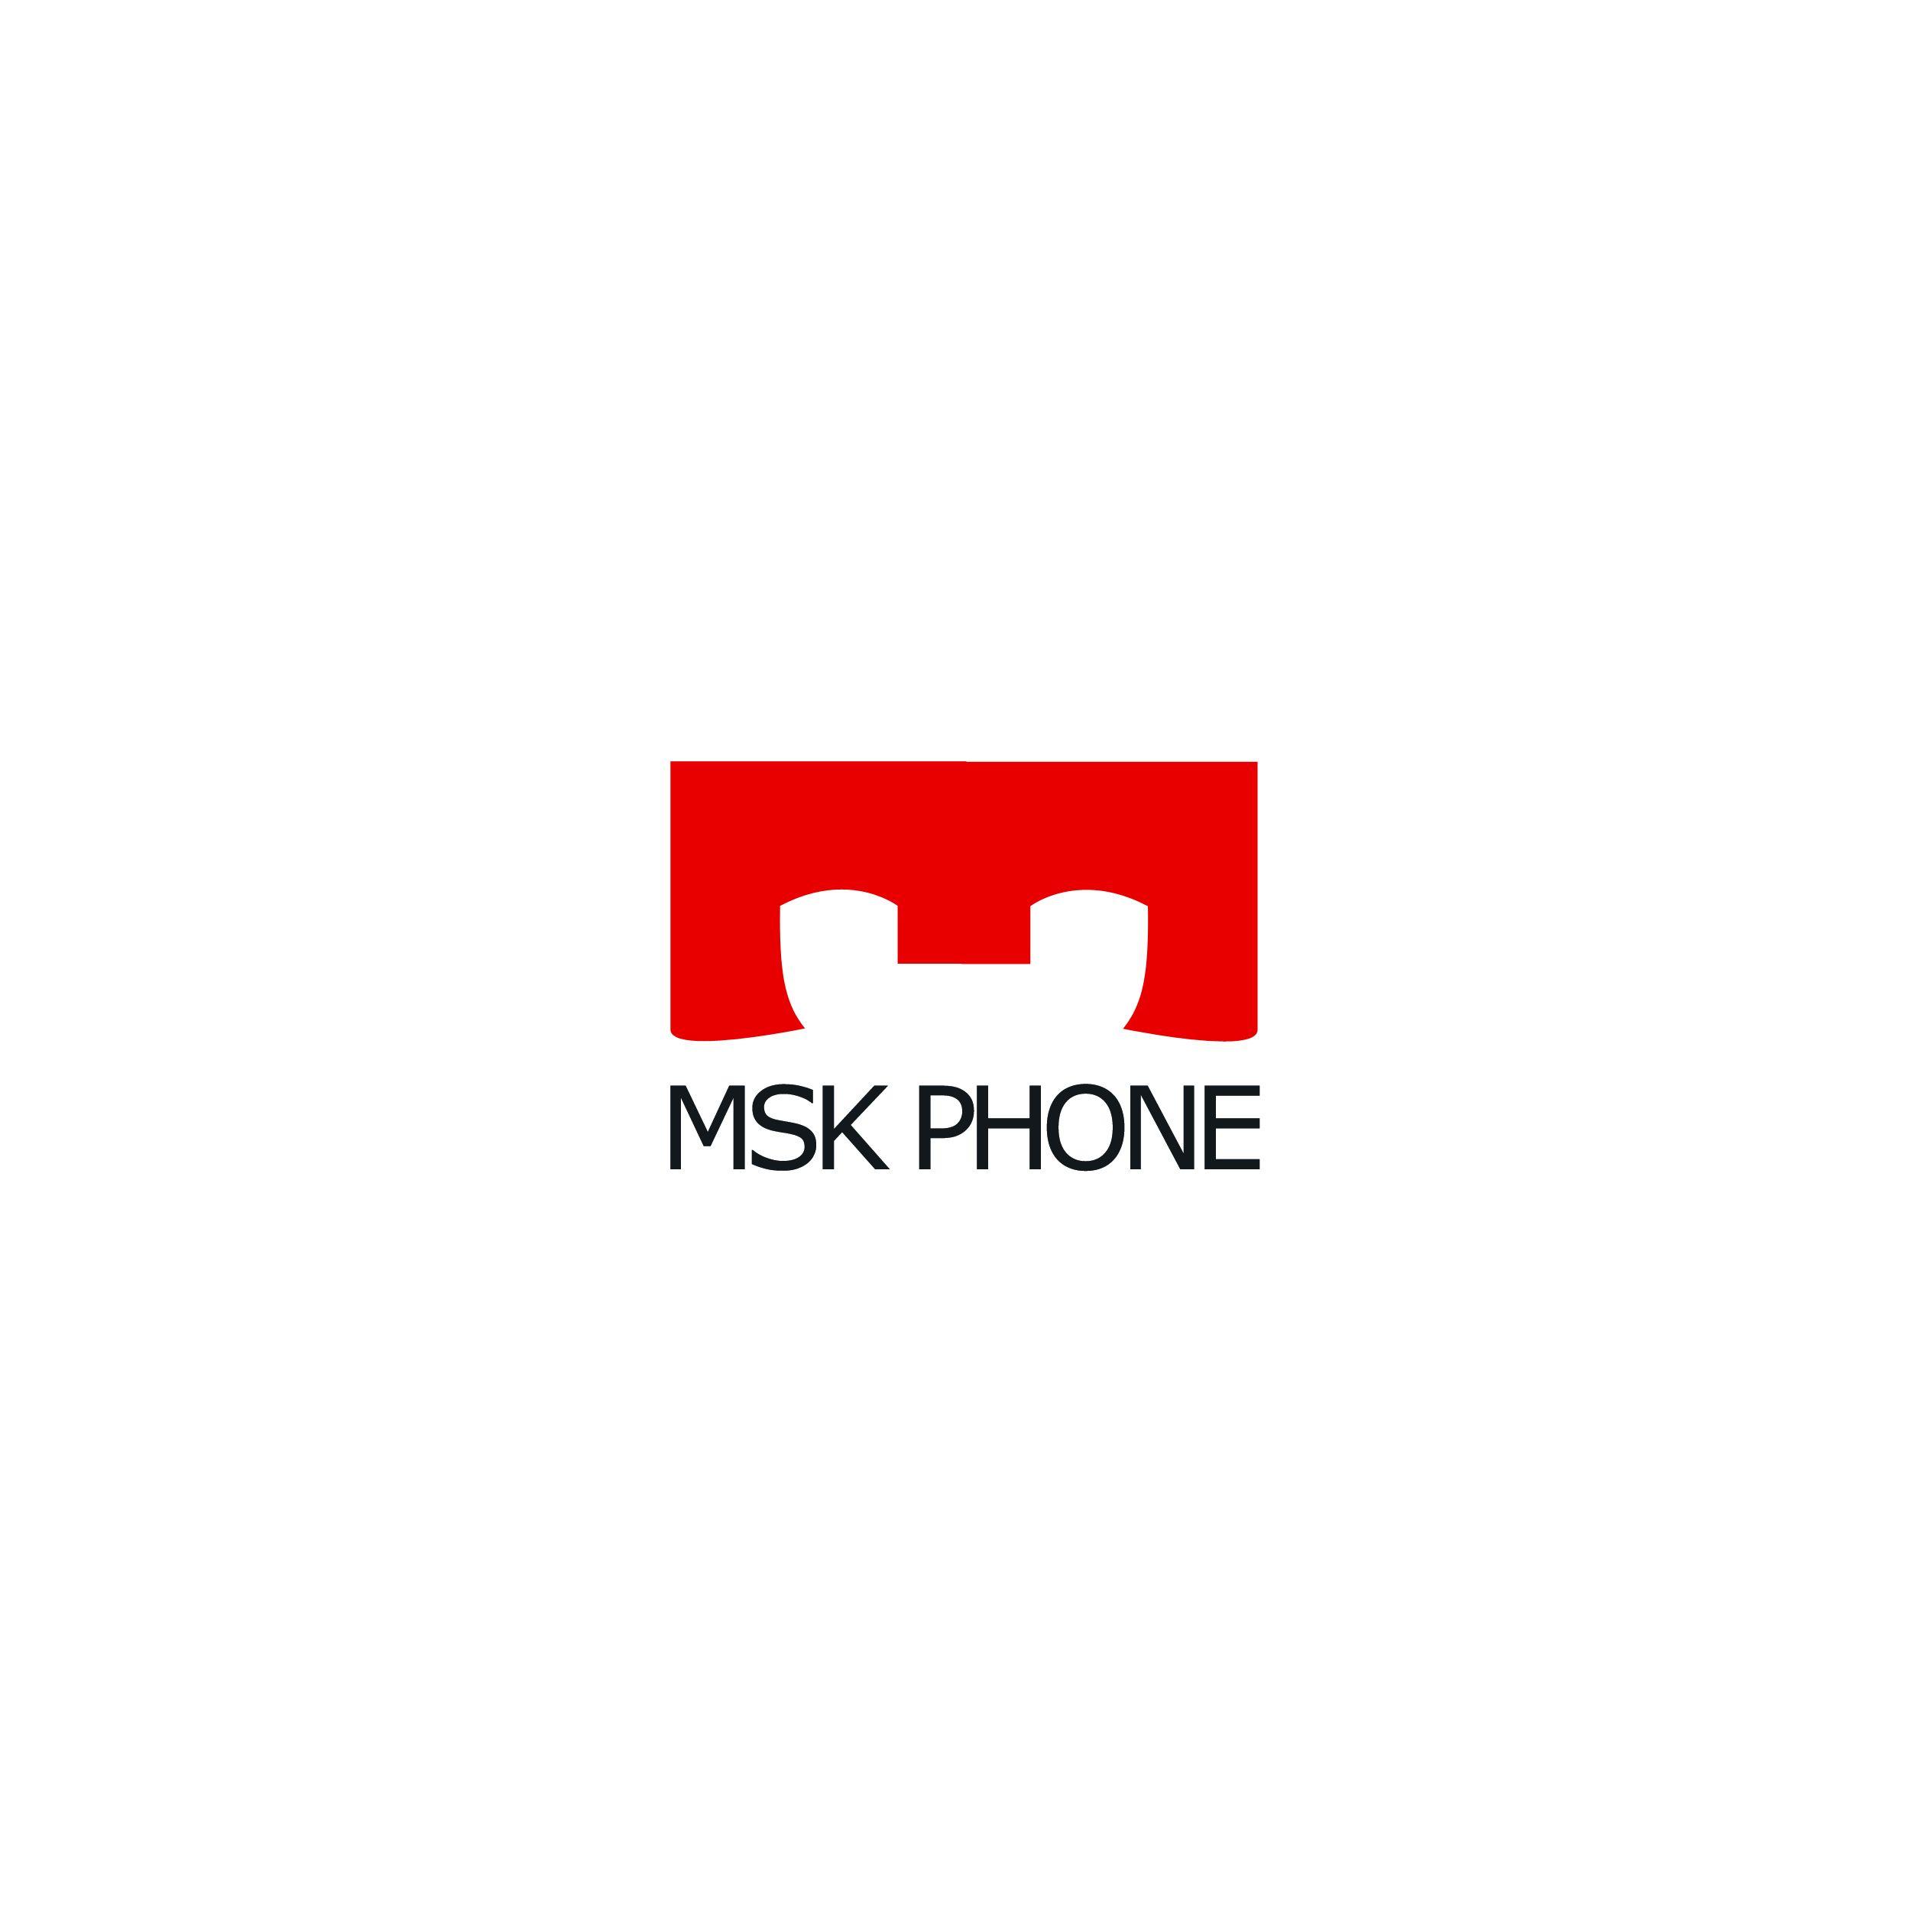 Логотип для MSKPHONE - дизайнер Kapitane